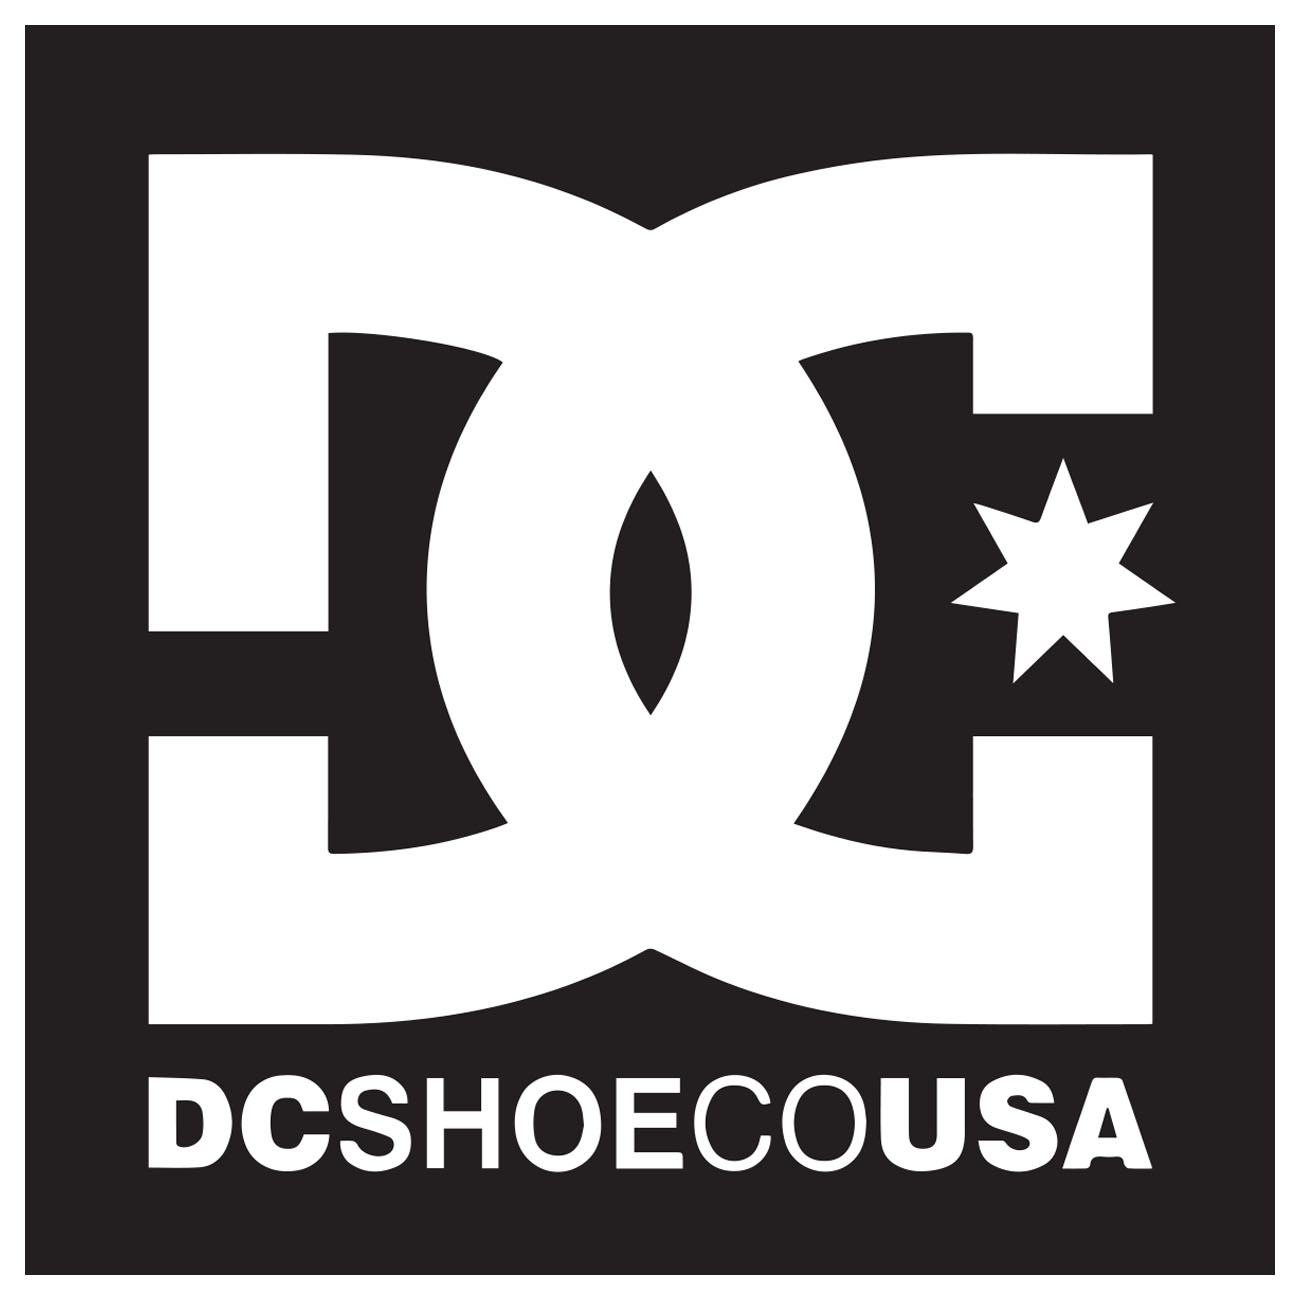 Dc Shoe Co Usa Vis Alle Stickers Foliegejl Dk